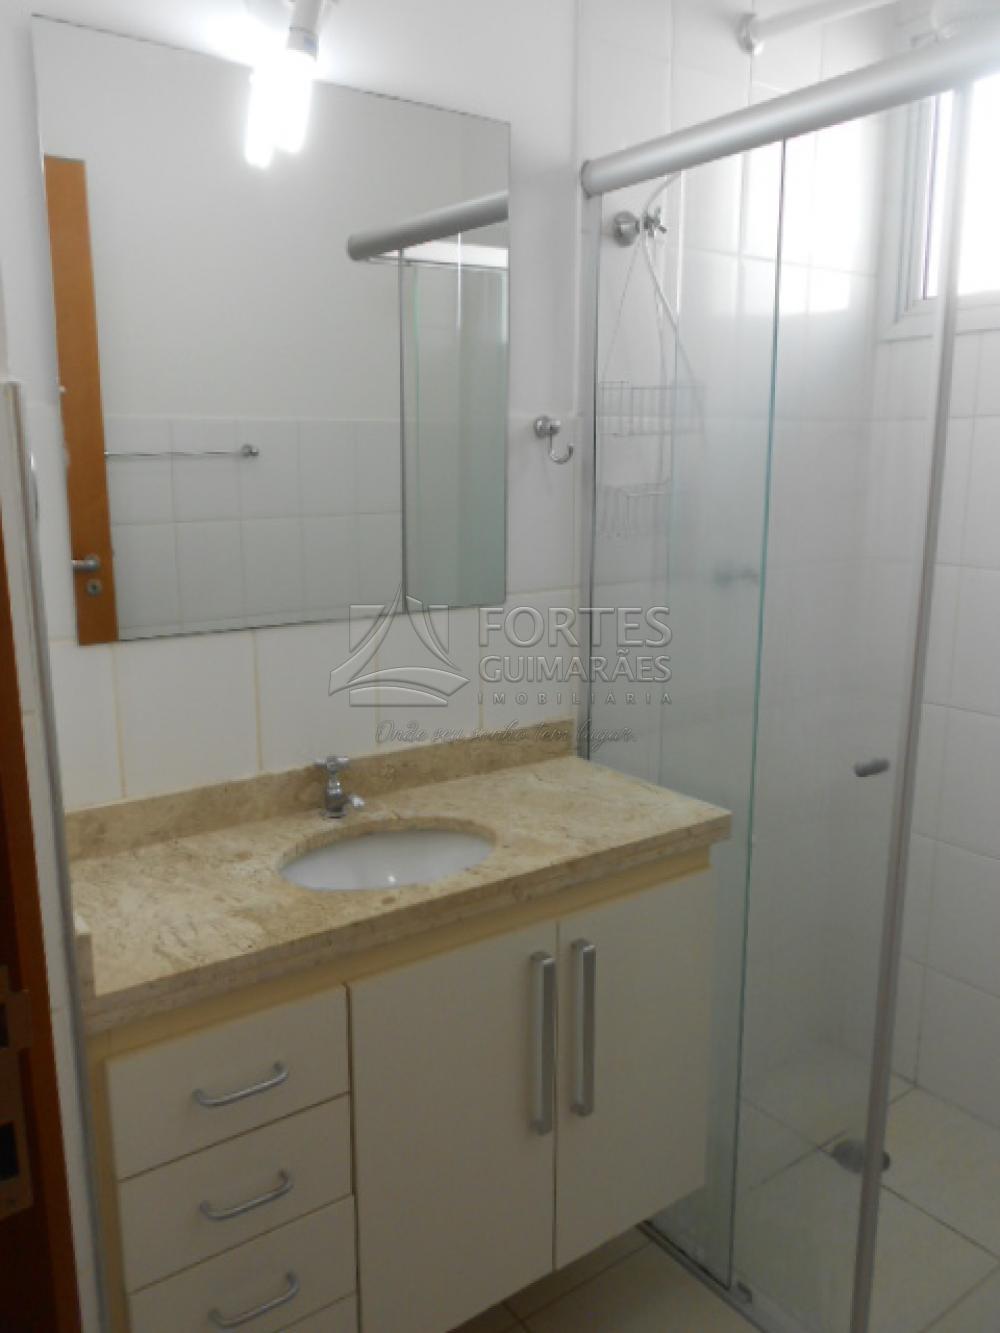 Alugar Apartamentos / Padrão em Ribeirão Preto apenas R$ 900,00 - Foto 16